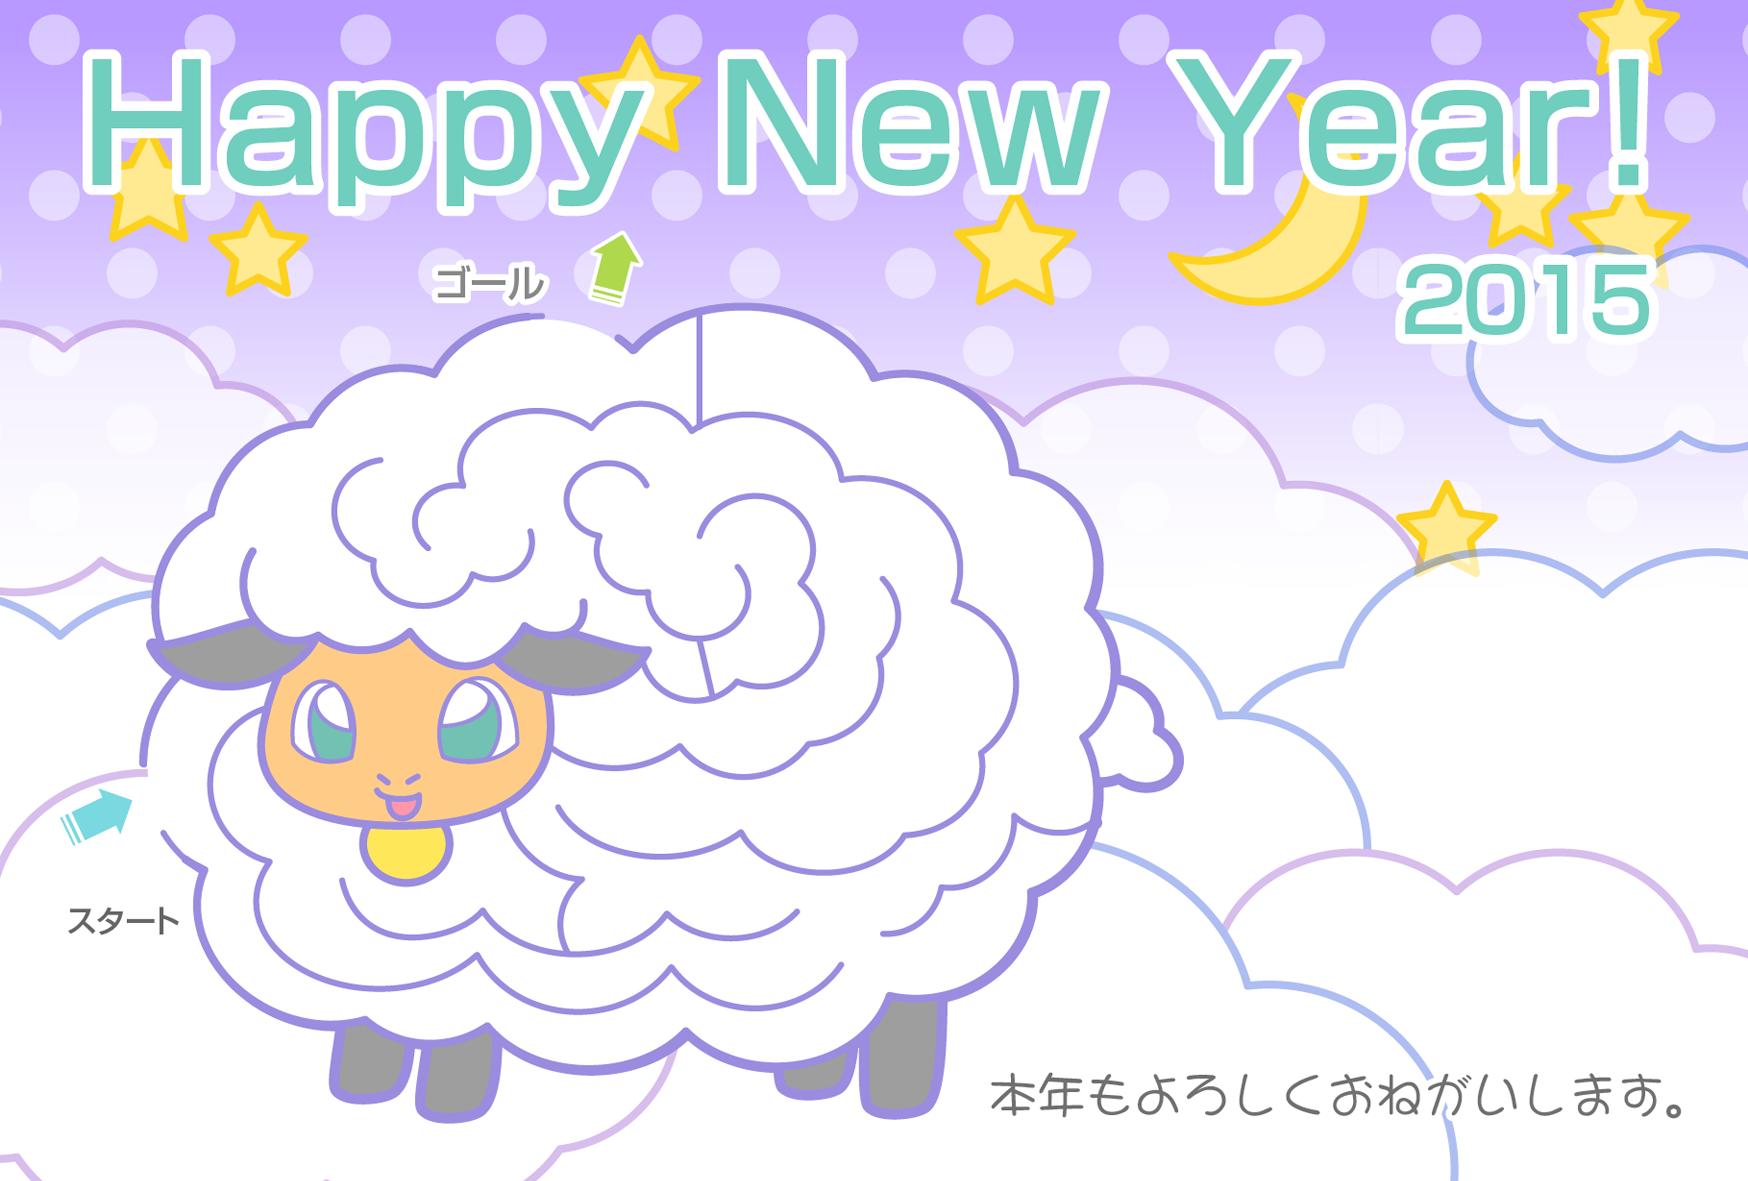 年賀状 2015年 羊 年賀状 : 羊のかわいい年賀状_2015年 女子 ...